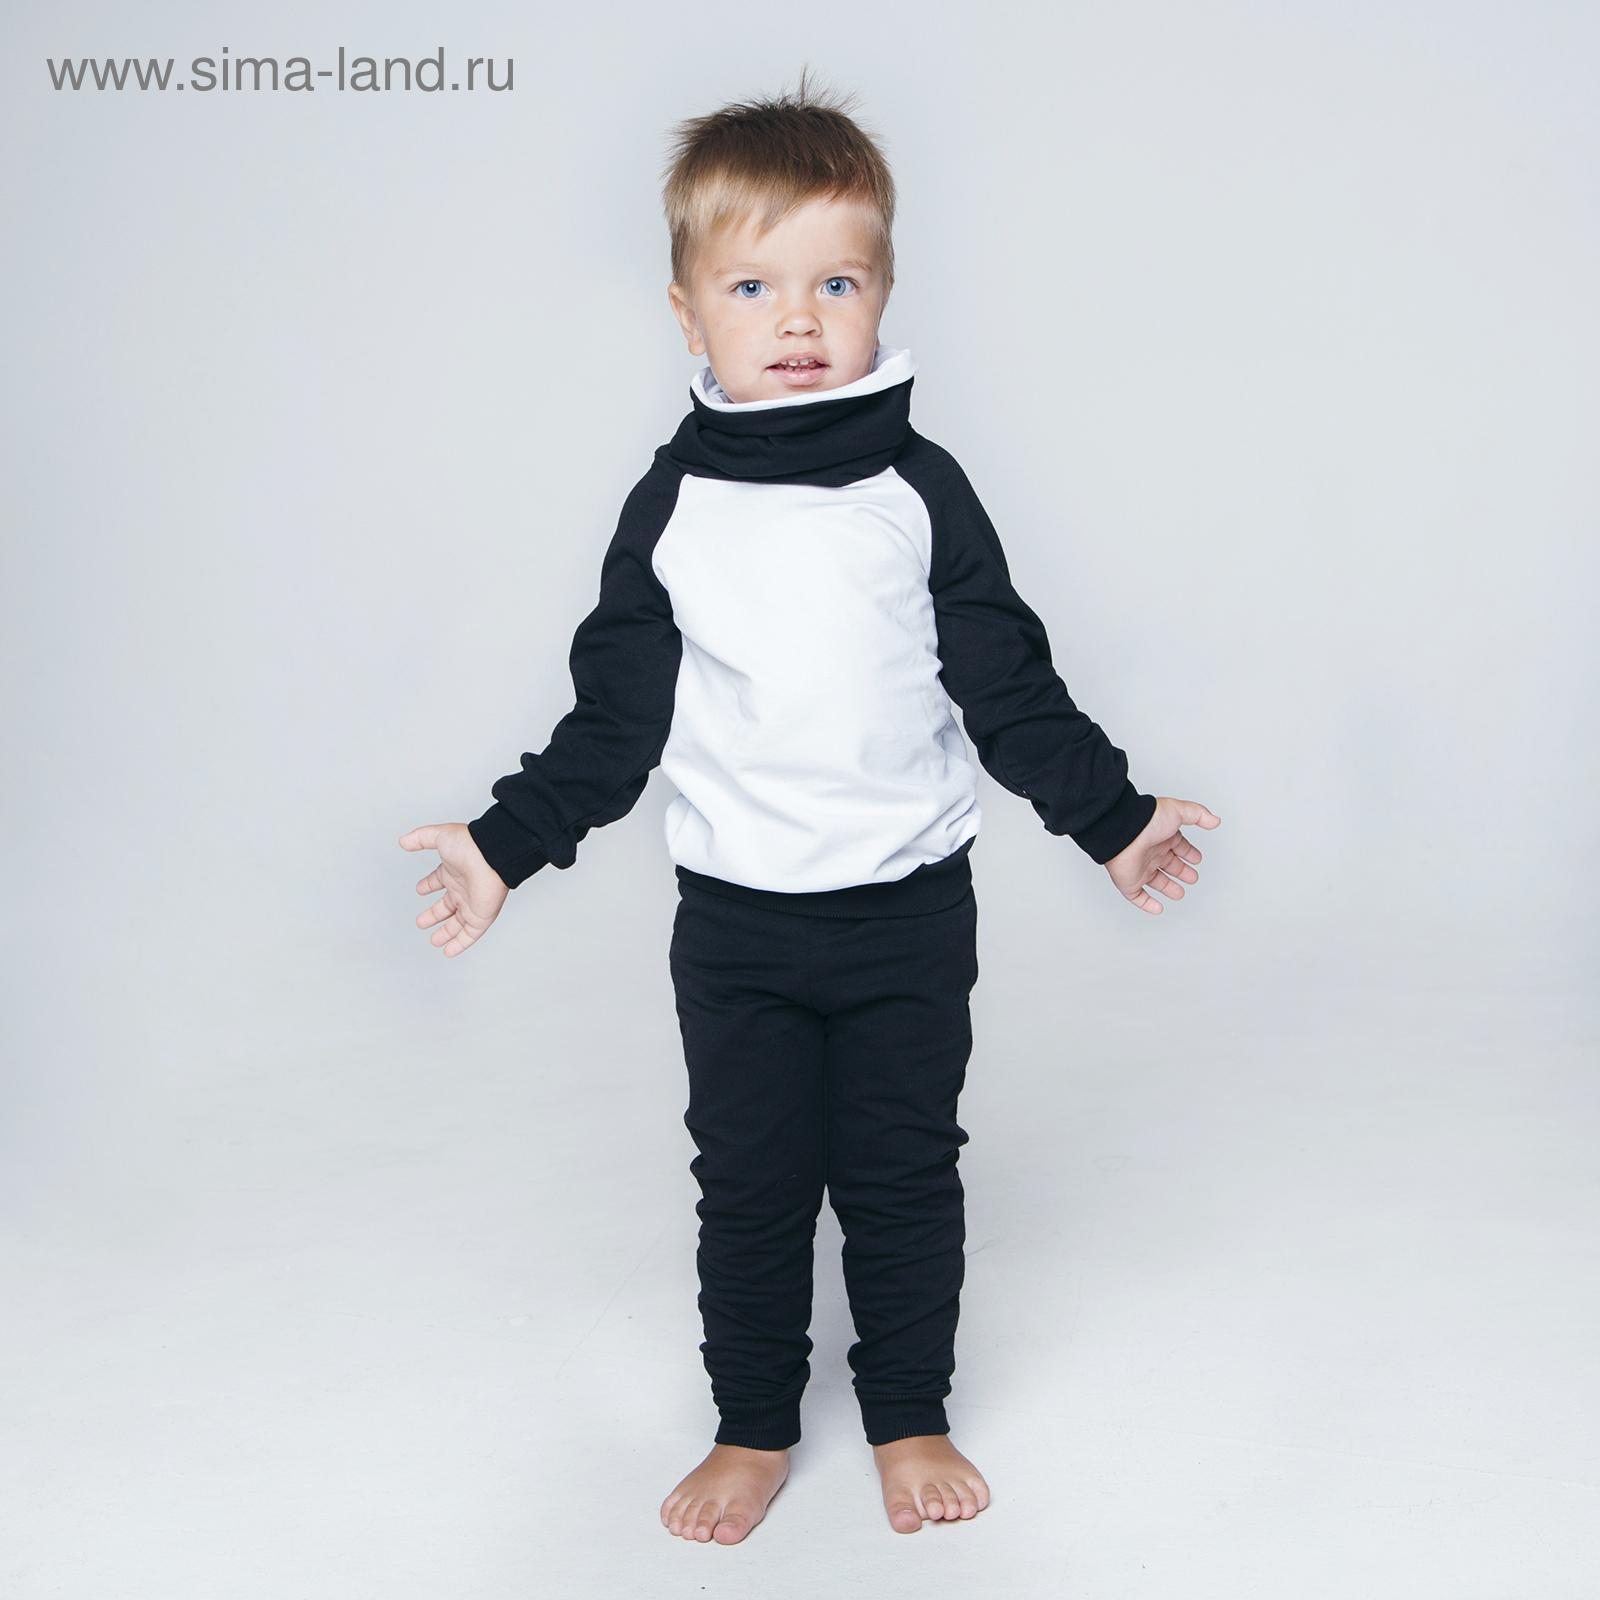 Спортивный костюм для мальчика (толстовка, брюки), рост 104 см, цвет черно e1553e09ad3